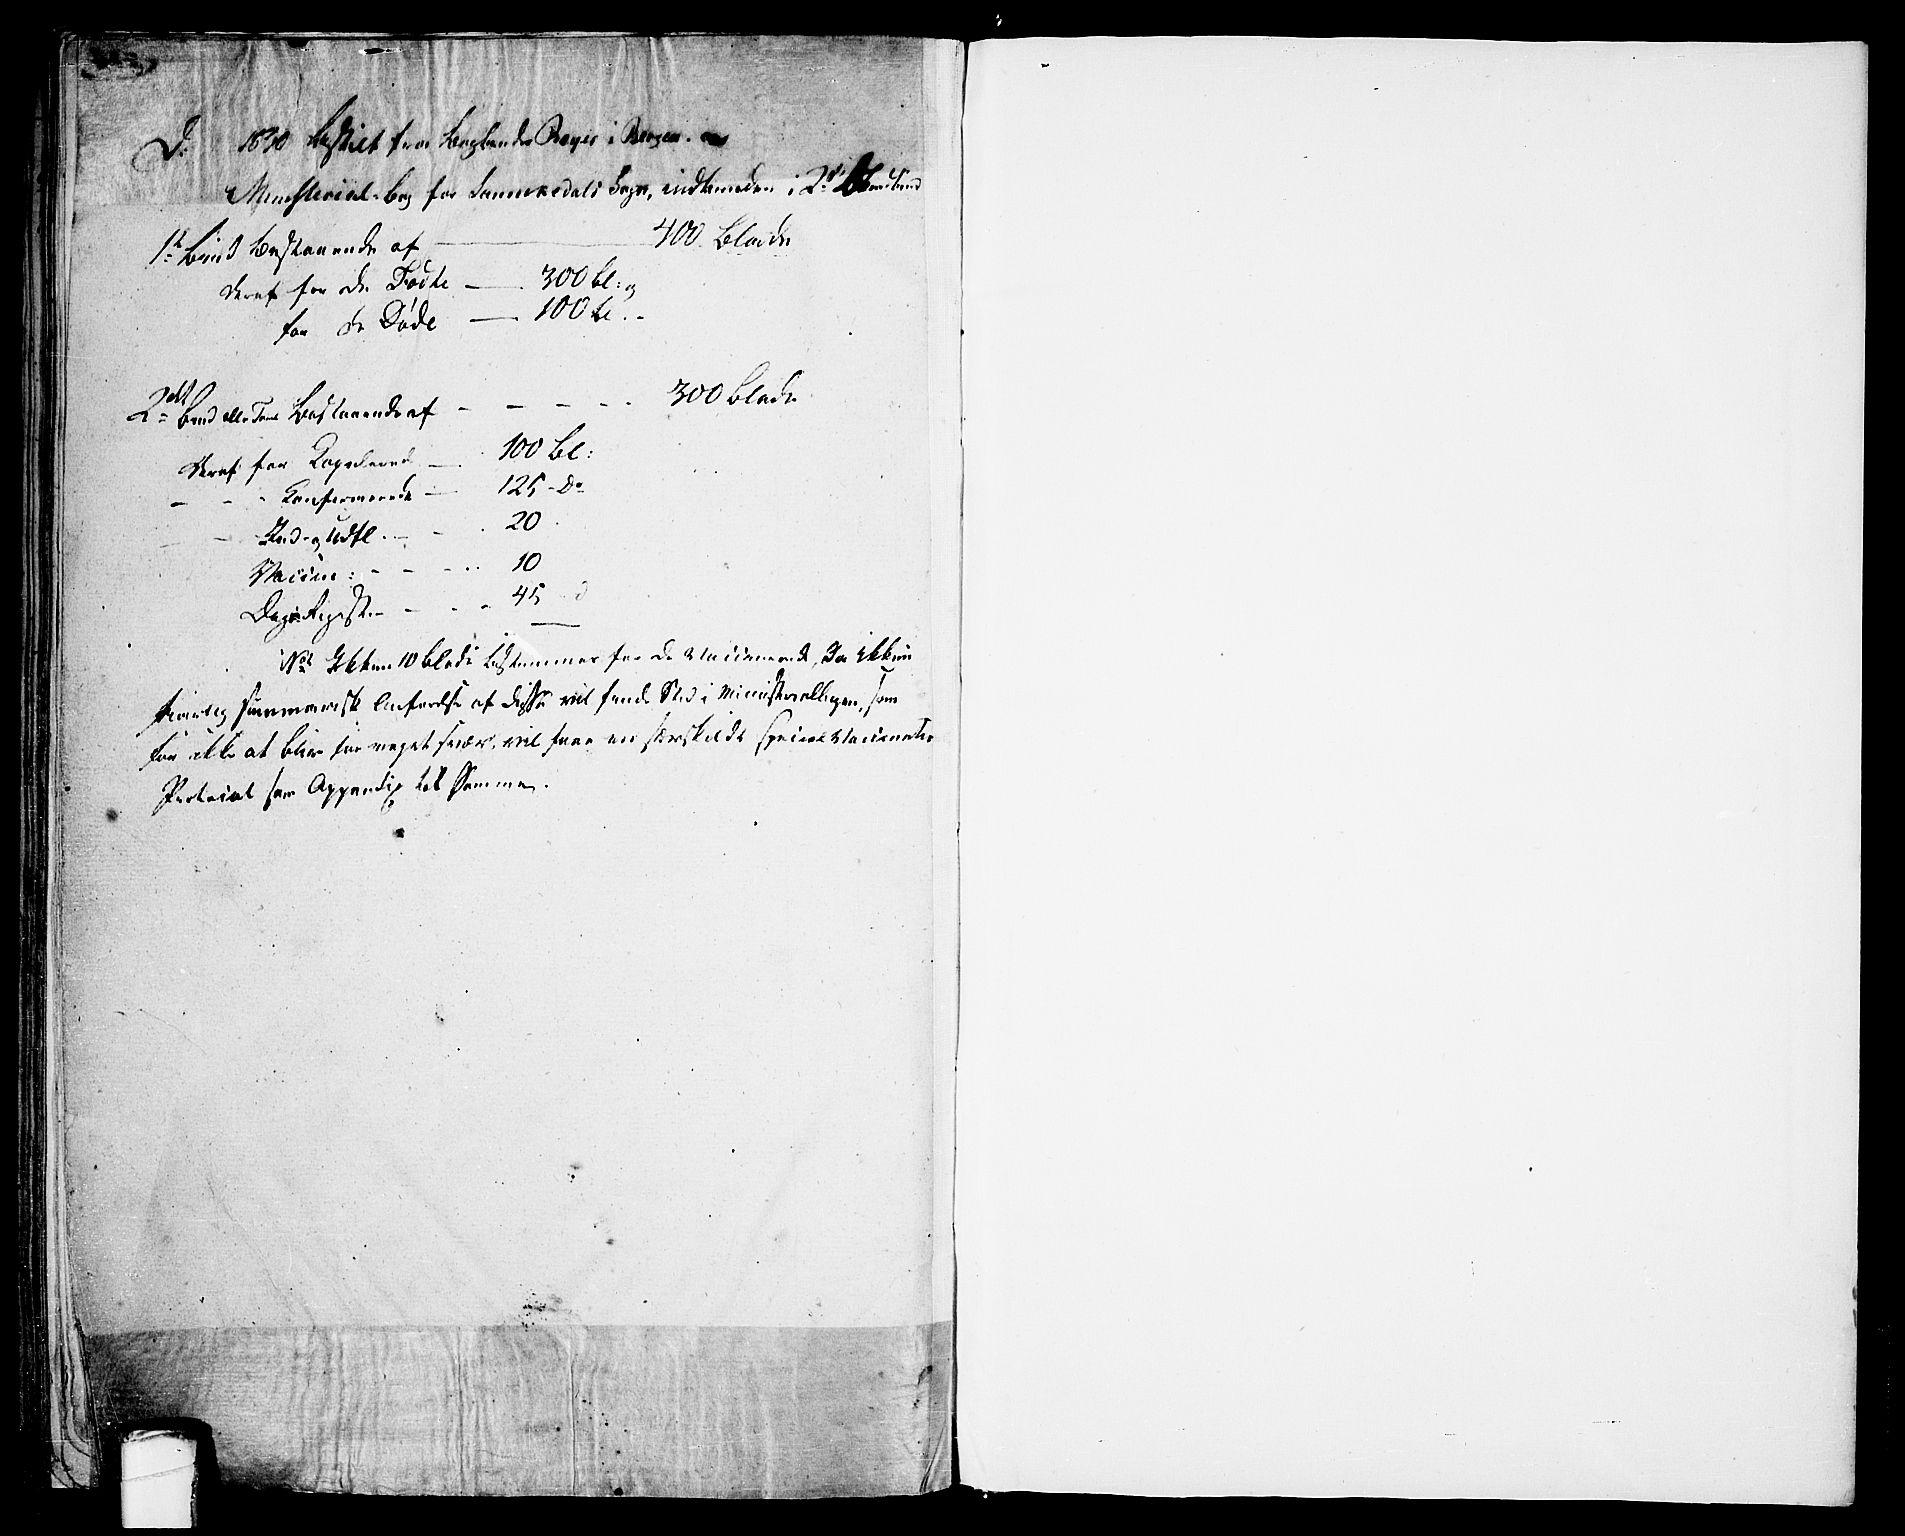 SAKO, Sannidal kirkebøker, F/Fa/L0005: Ministerialbok nr. 5, 1823-1830